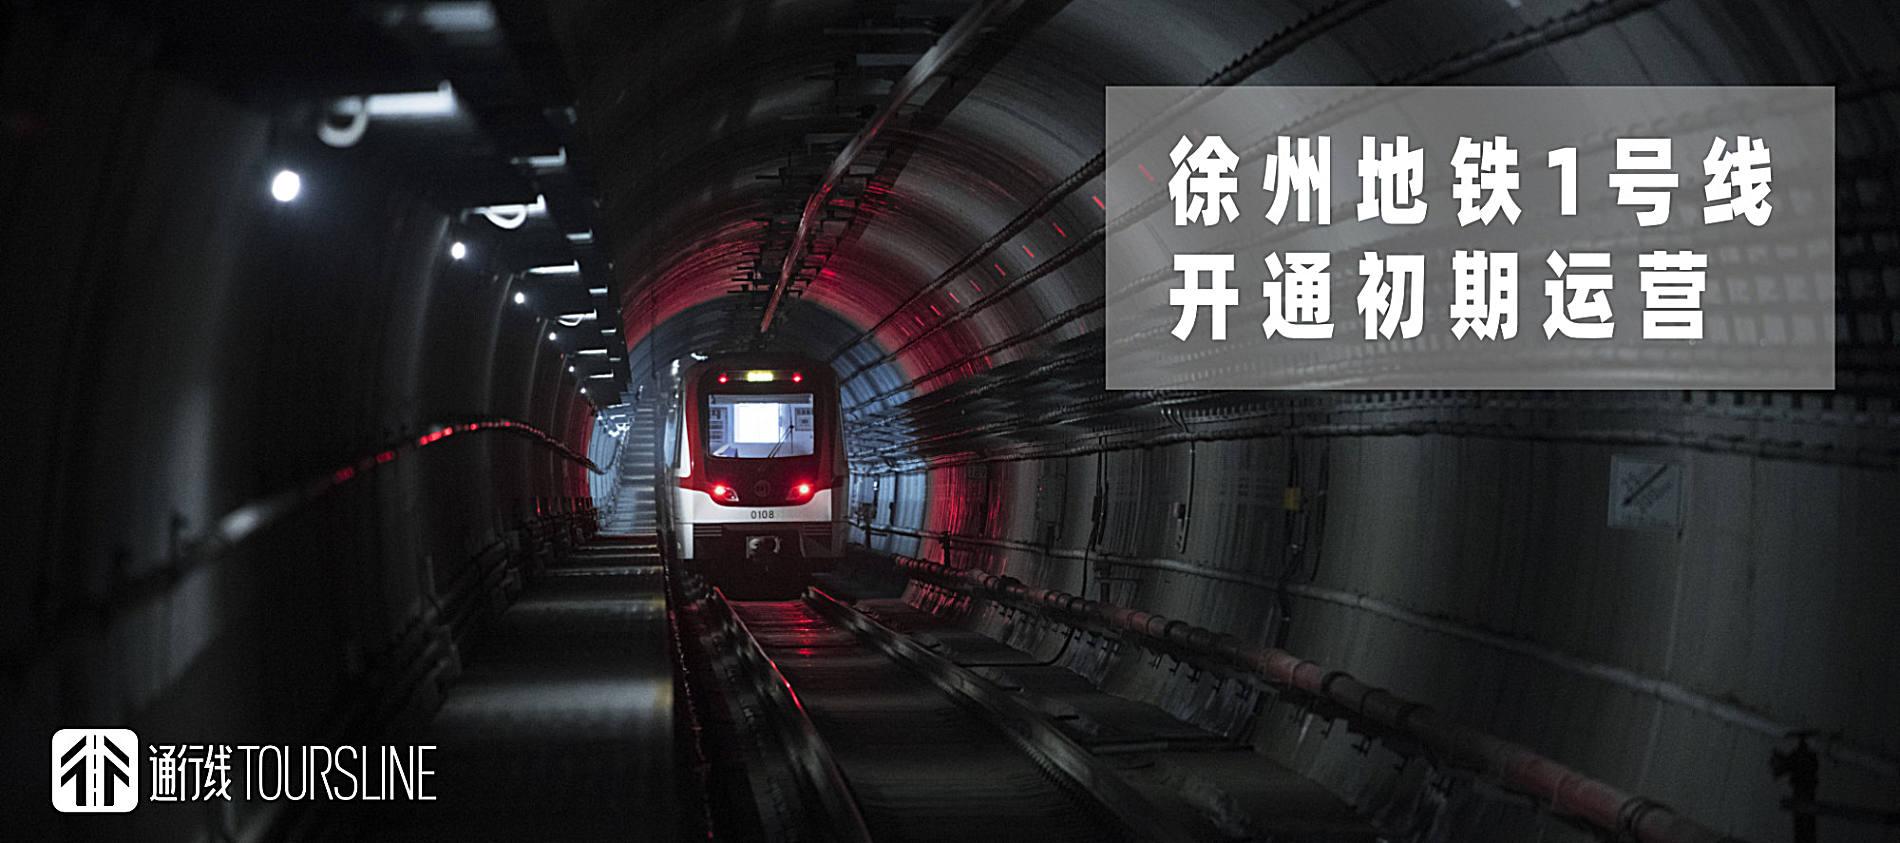 又一个城市开通地铁!徐州地铁1号线速览